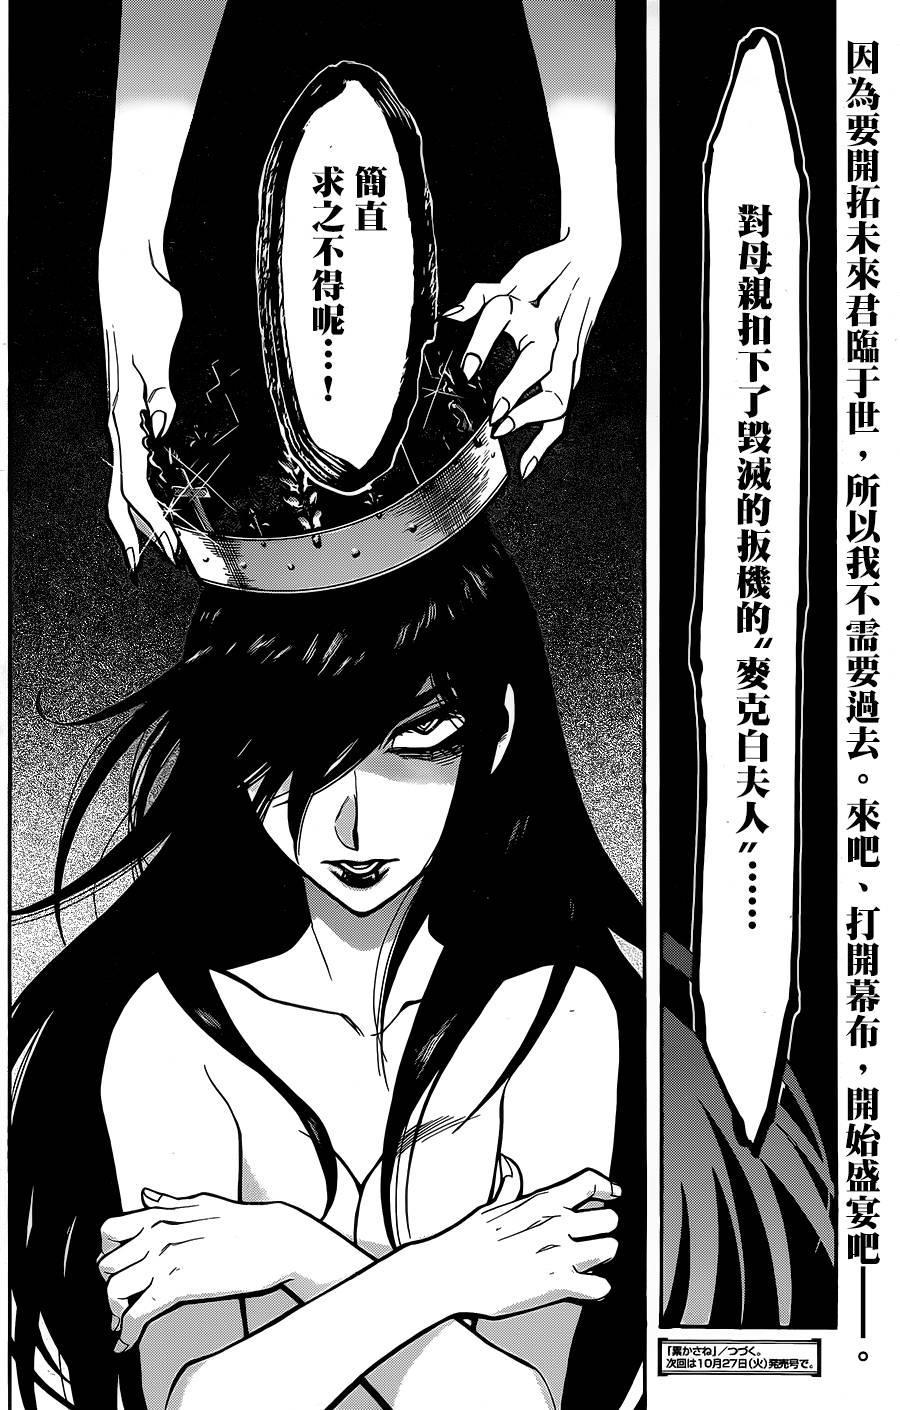 累漫畫累60話:名為咲朱的女人(第19頁)劇情-二次元動漫